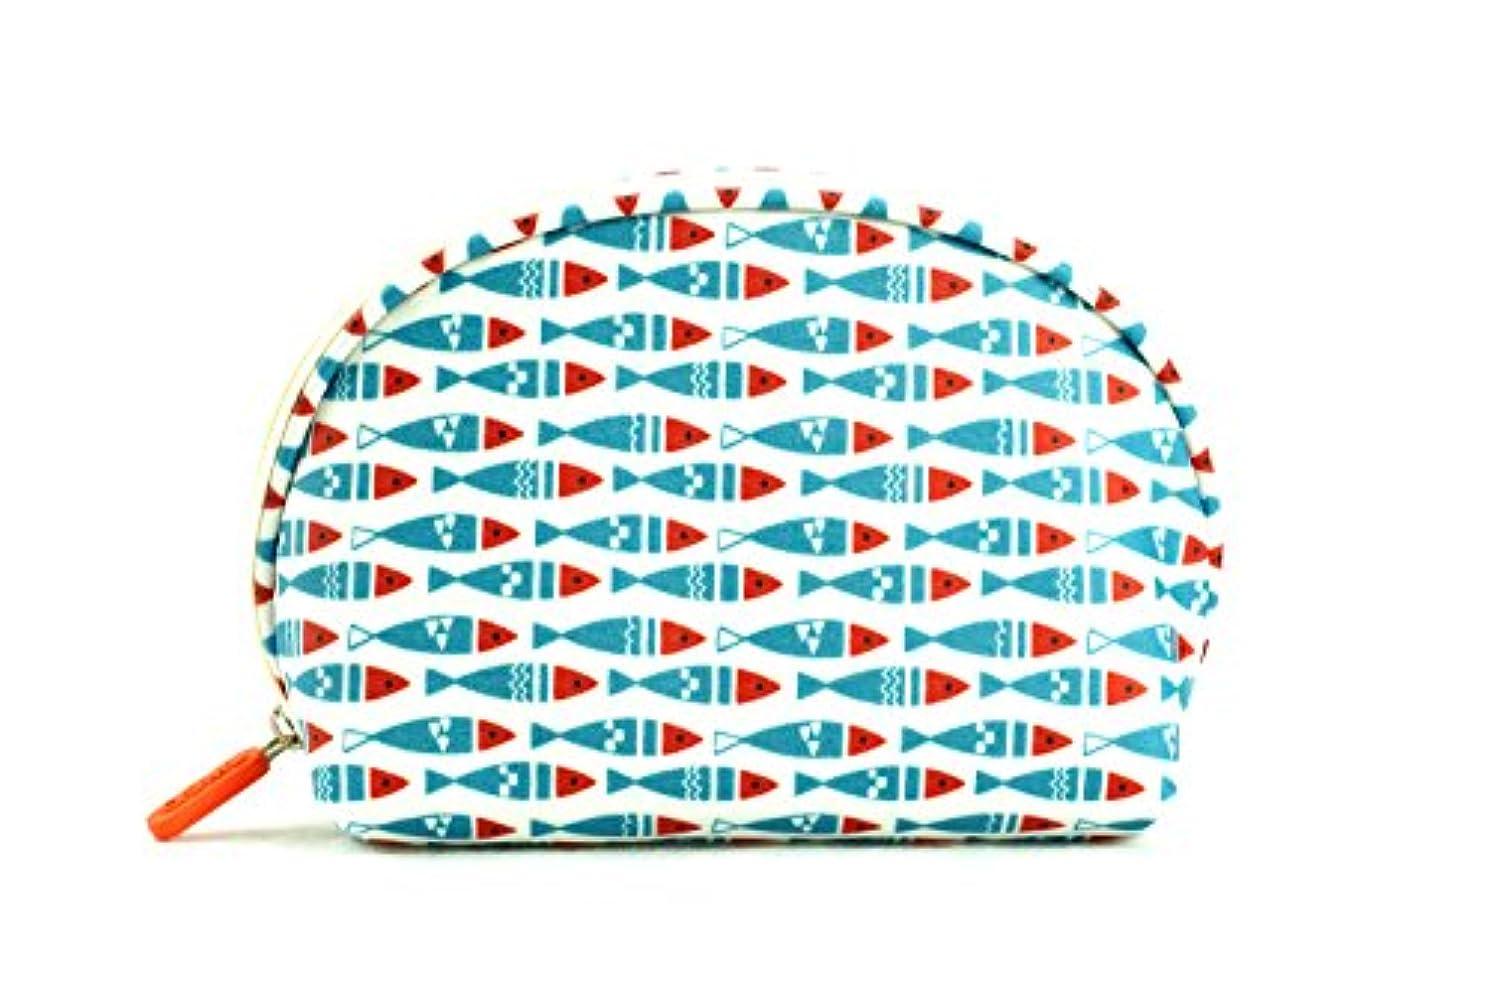 洗う推進祝福する化粧??ーチ、大容量、水を弾くれレディーストラベルバック、コンパクト,多機能半円仕様化粧??ーチ。内ポケットの仕切りがあります。(ブルー赤い魚のデザイン)